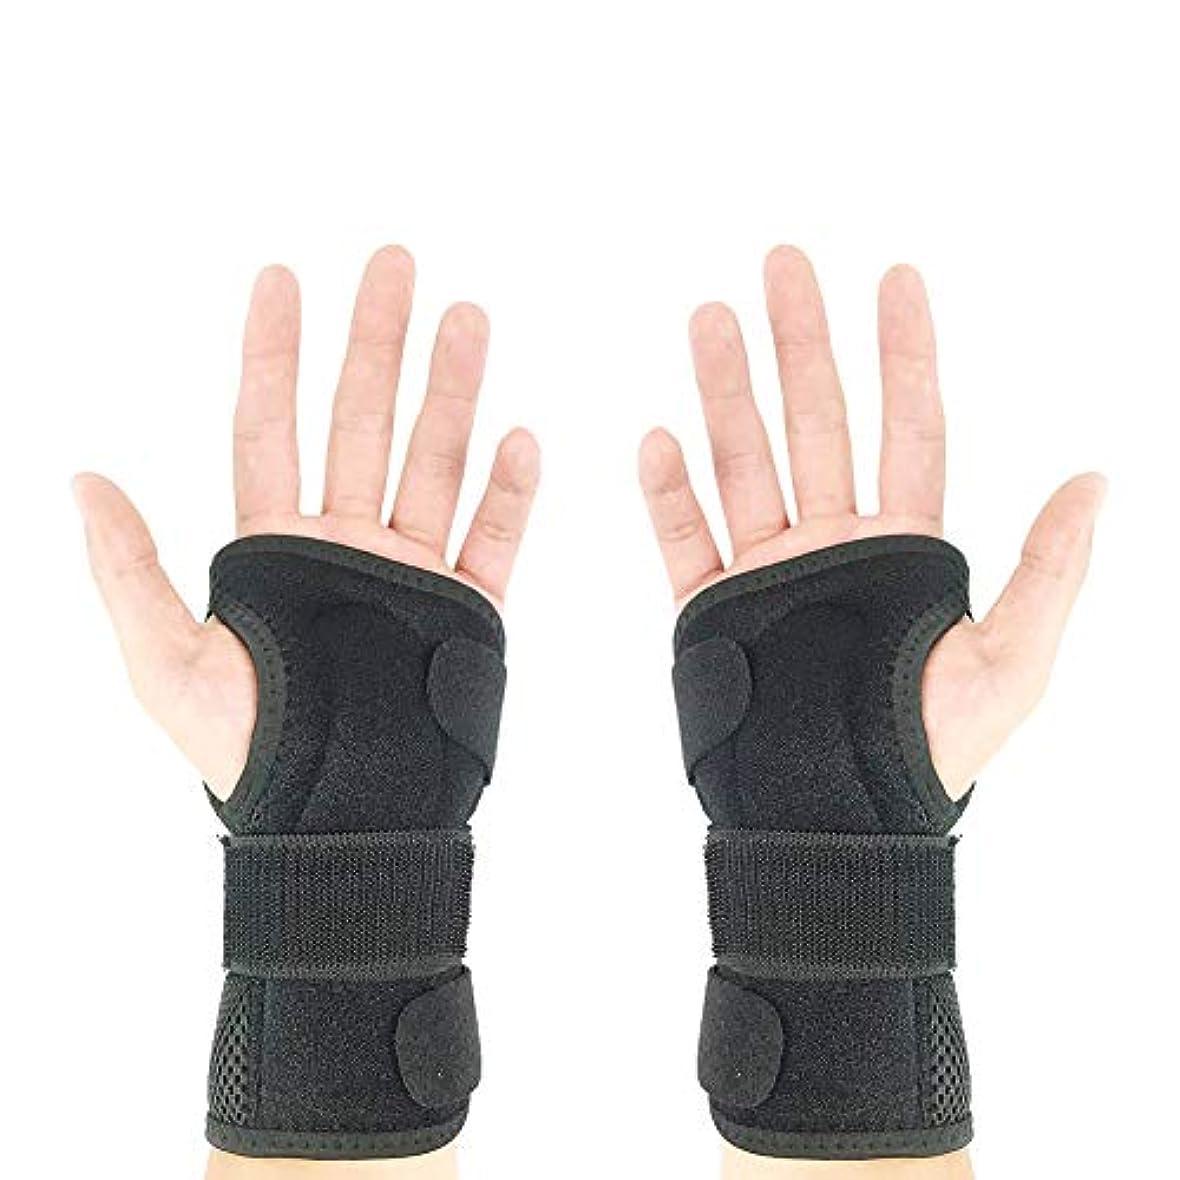 あなたが良くなりますアレイ法医学Radiya 手首 サポーター 手首 固定 通気サポーター 手首保護 捻挫 手根管症候群 腱鞘炎 骨折 サポーター 軽量2つアルミ製プレート 調節可能 フリーサイズ 男女兼用 (両手)